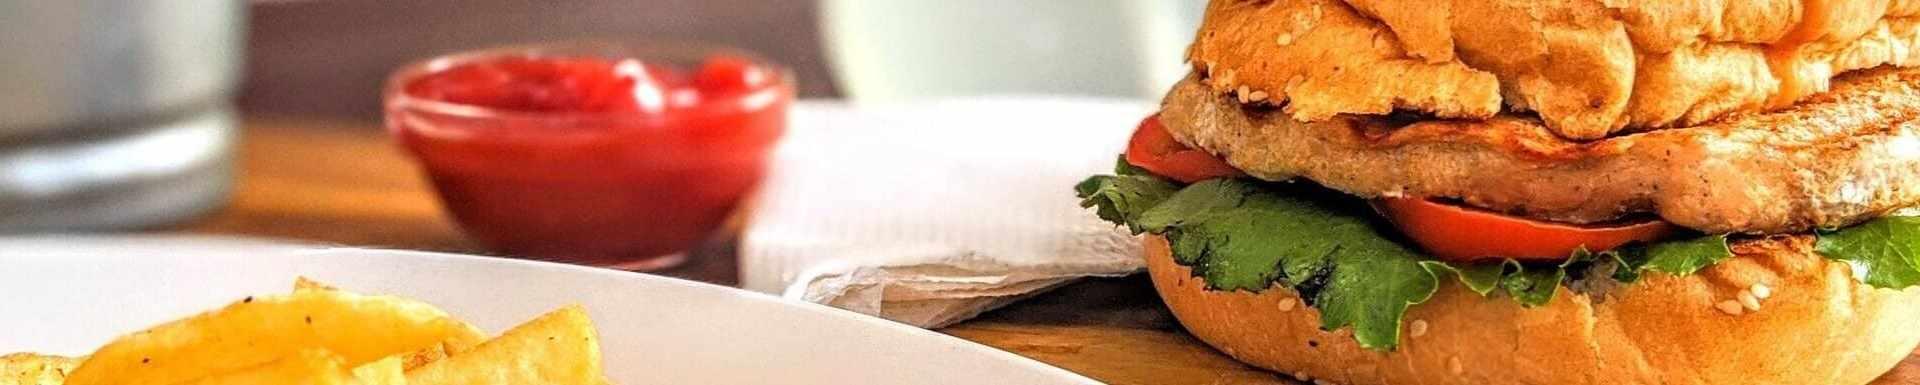 Recetas de hamburguesas de pollo - como prepararlas - Glovo